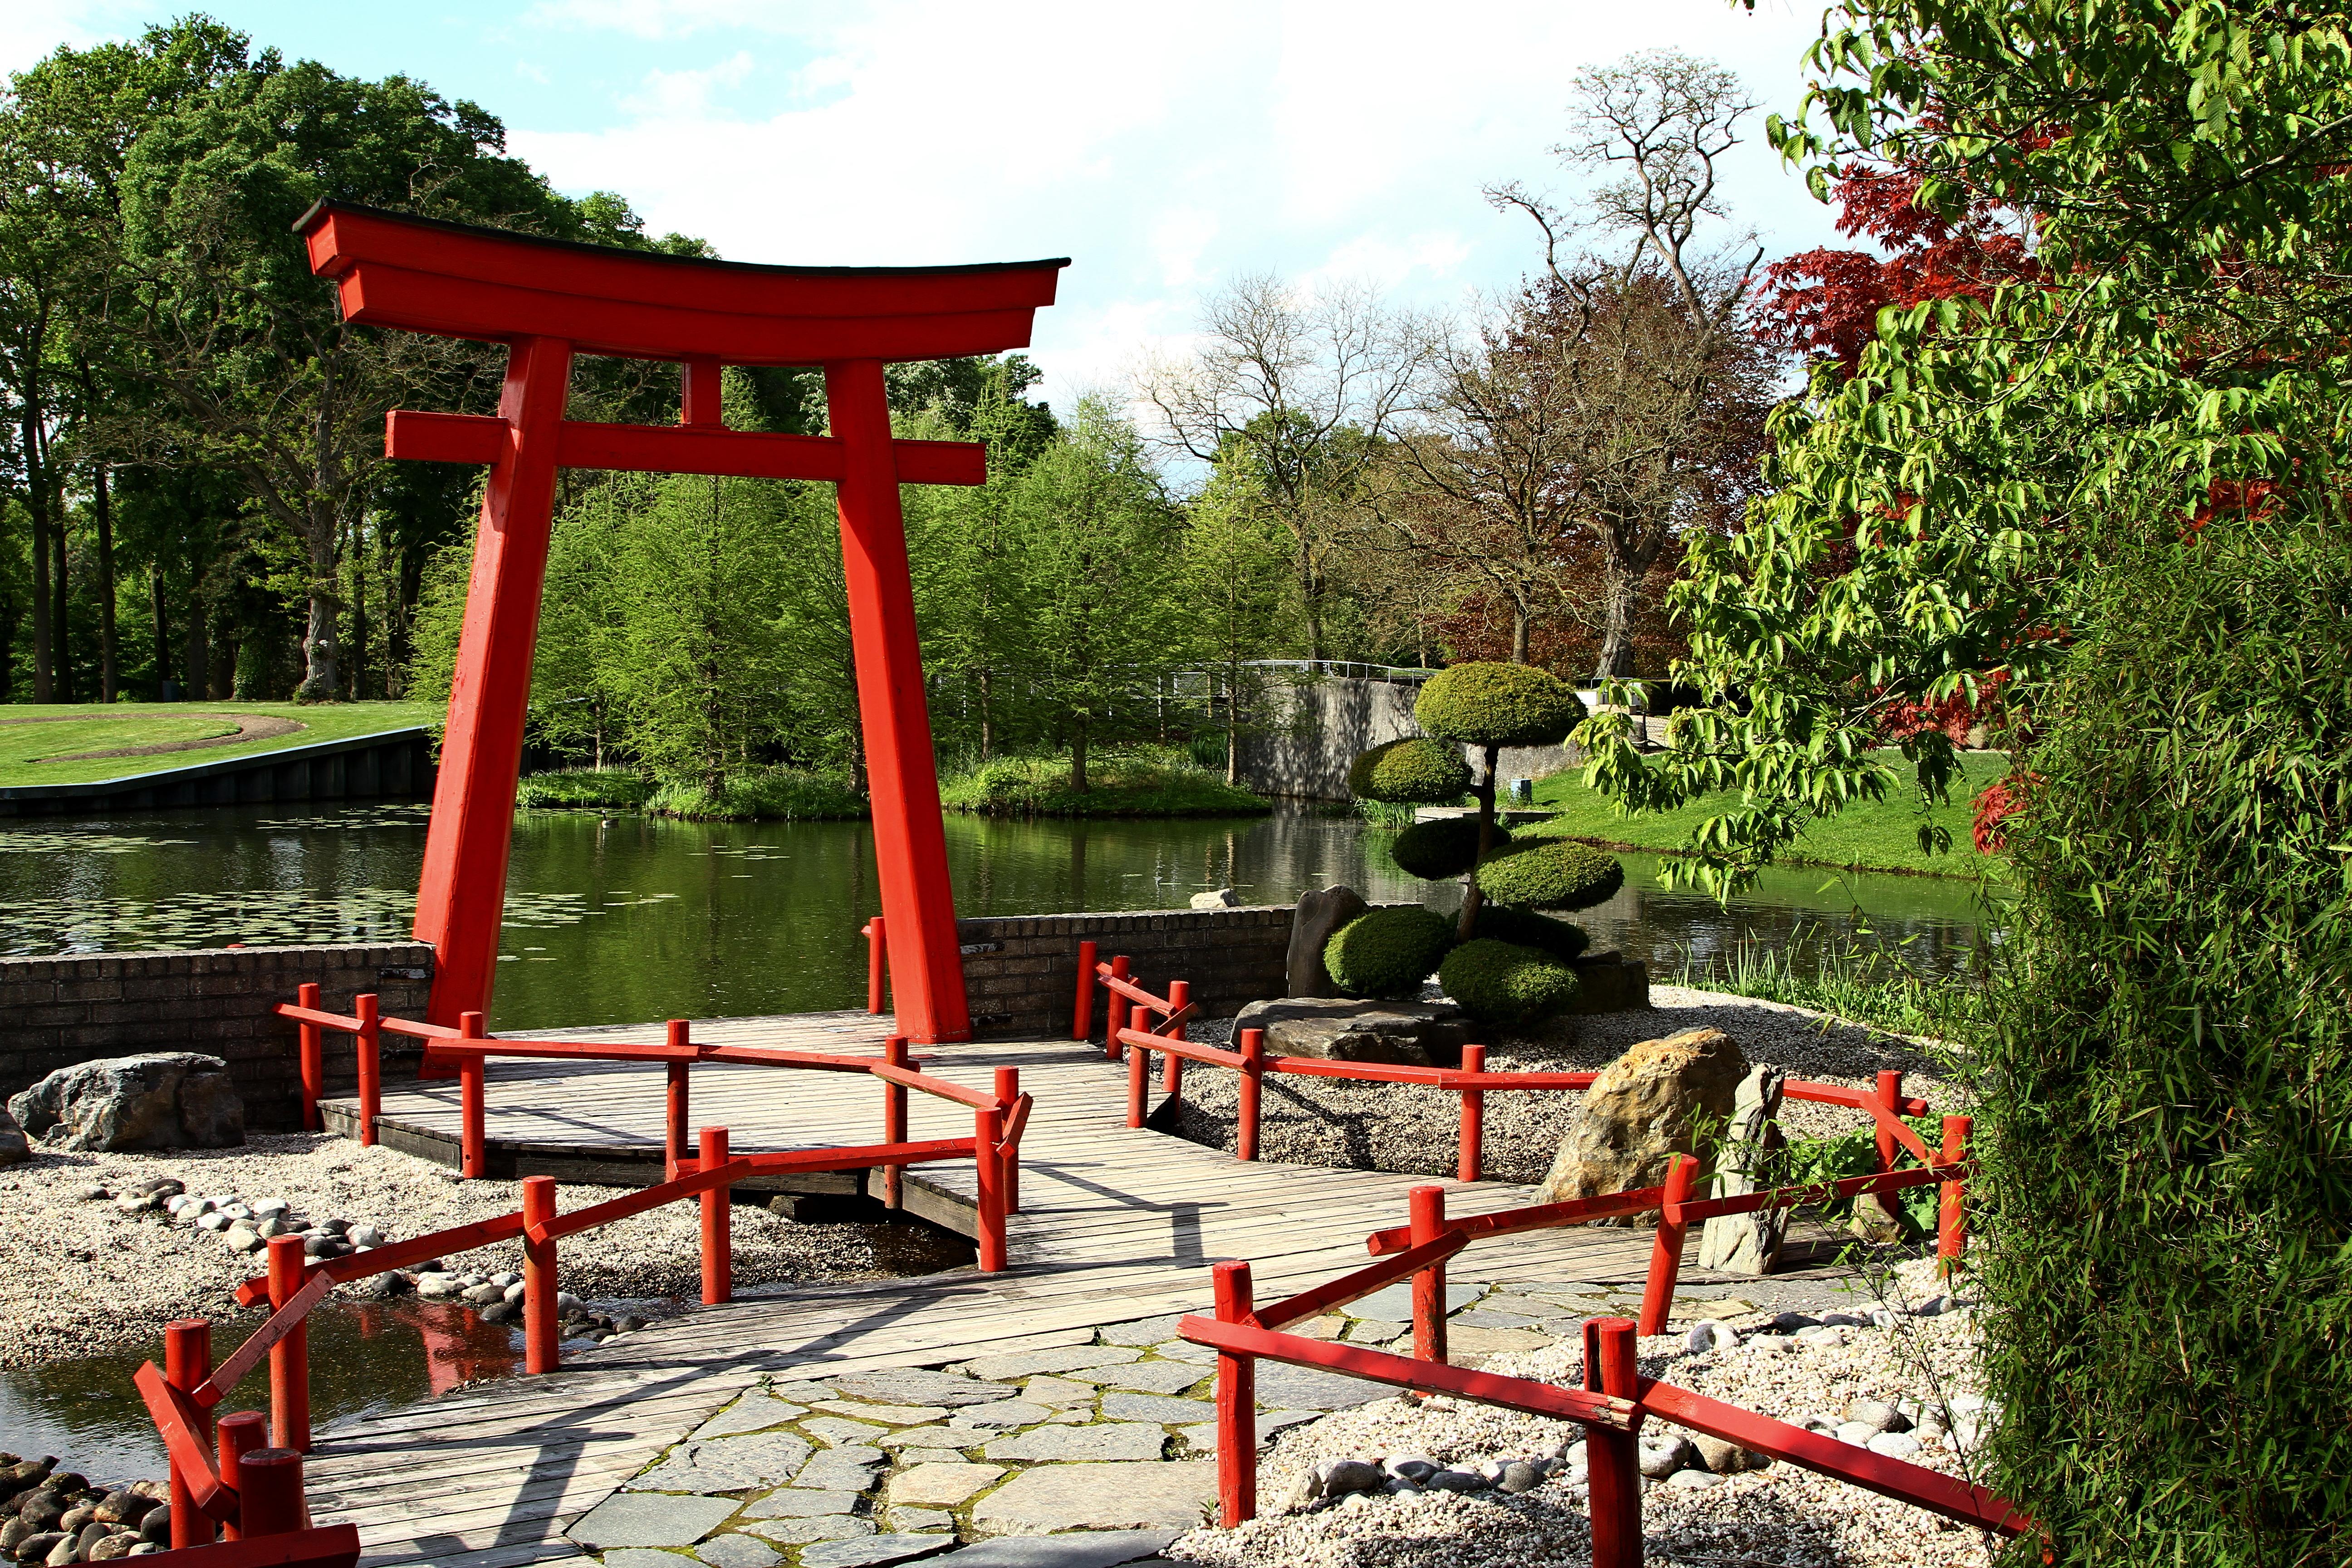 Japanse tuin in de kasteeltuinen van Arcen. Foto Sybylle Kroon